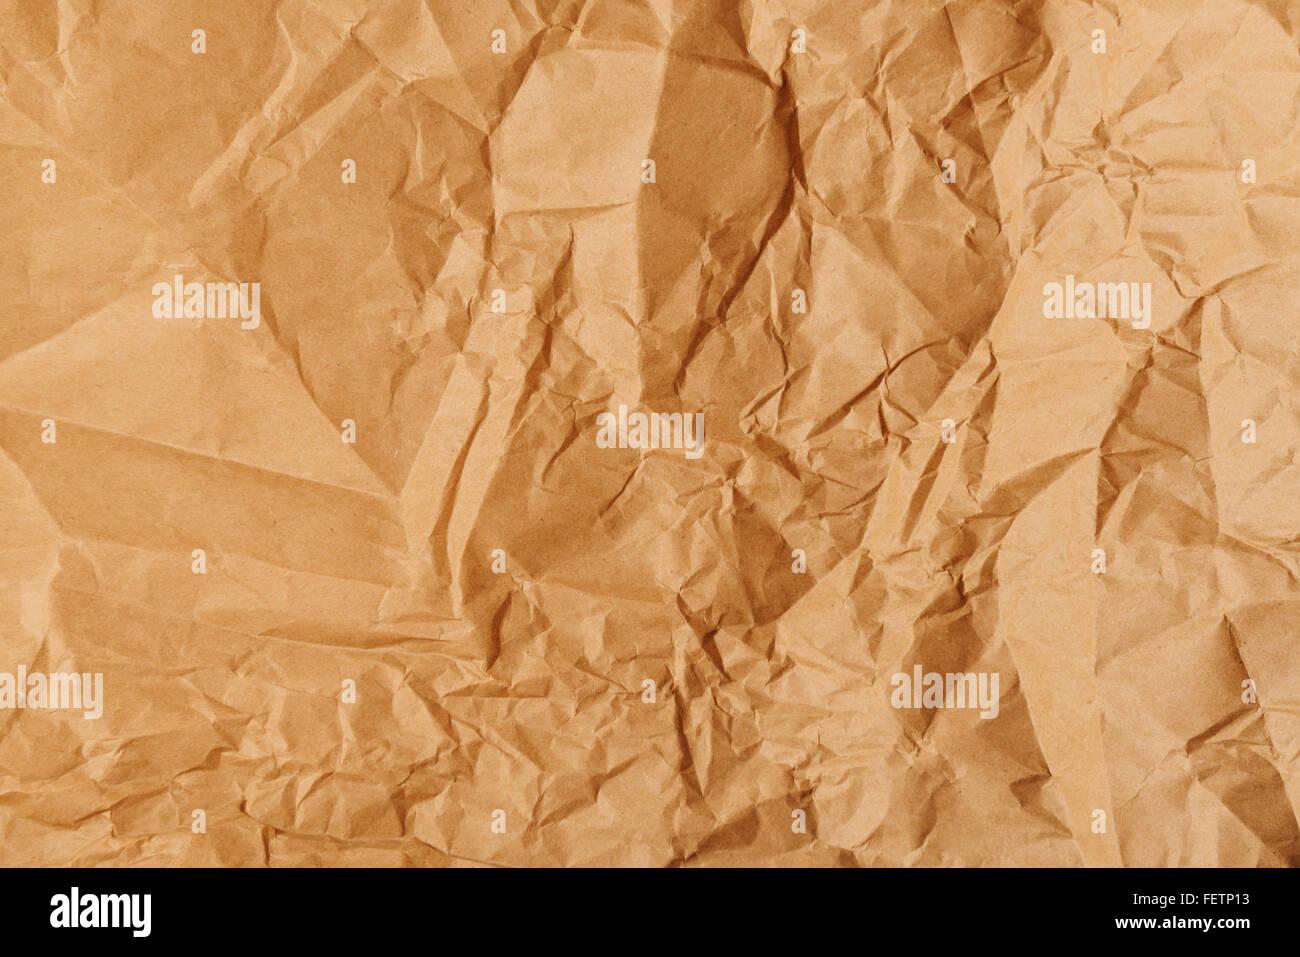 Plié et froissé papier kraft pour la texture, l'arrière-plan de la vue supérieure du châssis Photo Stock